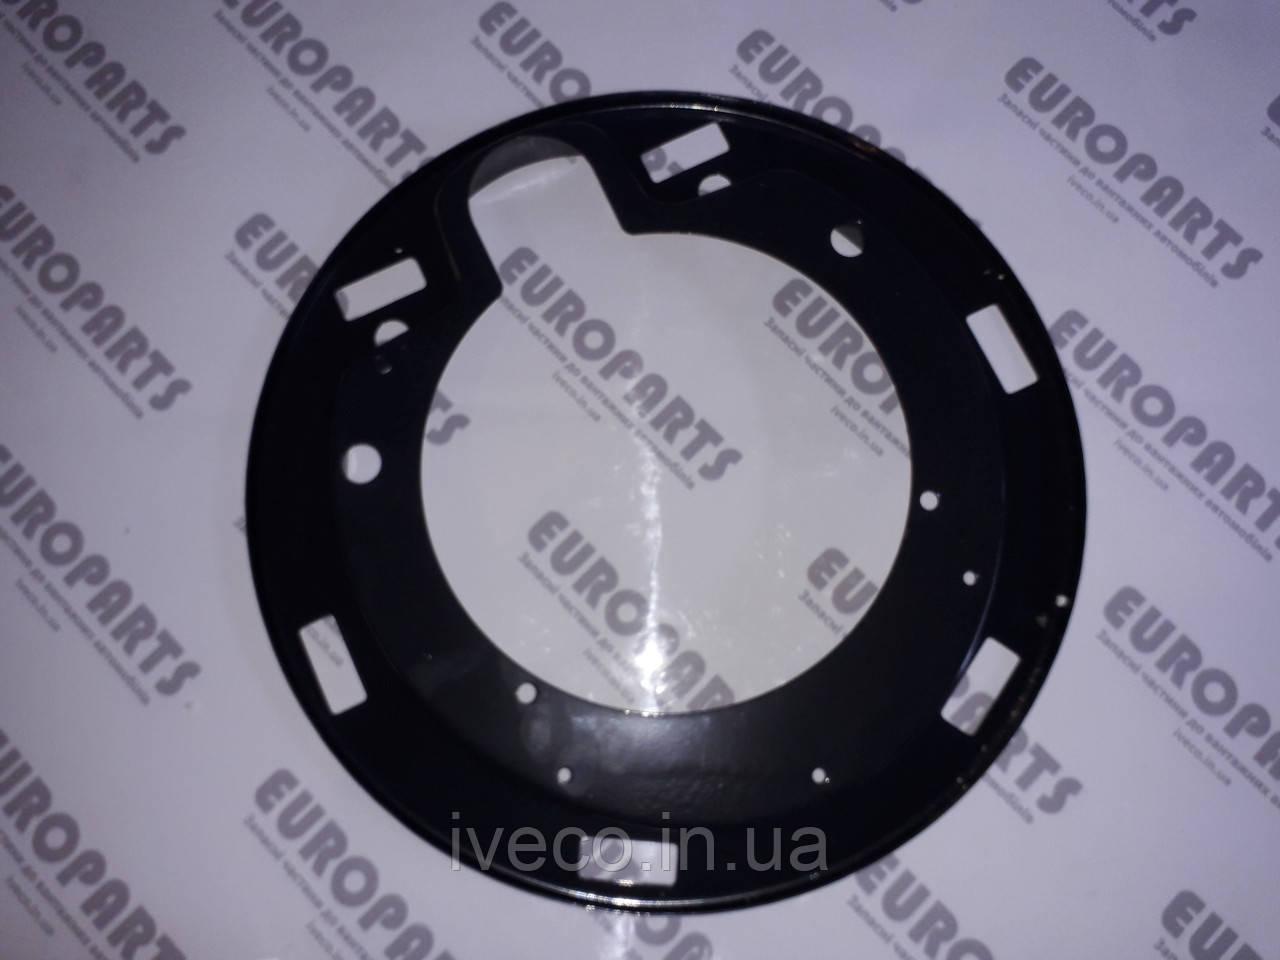 93192927 защита колодок пыльник тормозного барабана Ивеко Евротех Евростар Iveco Eurotech Eurostar